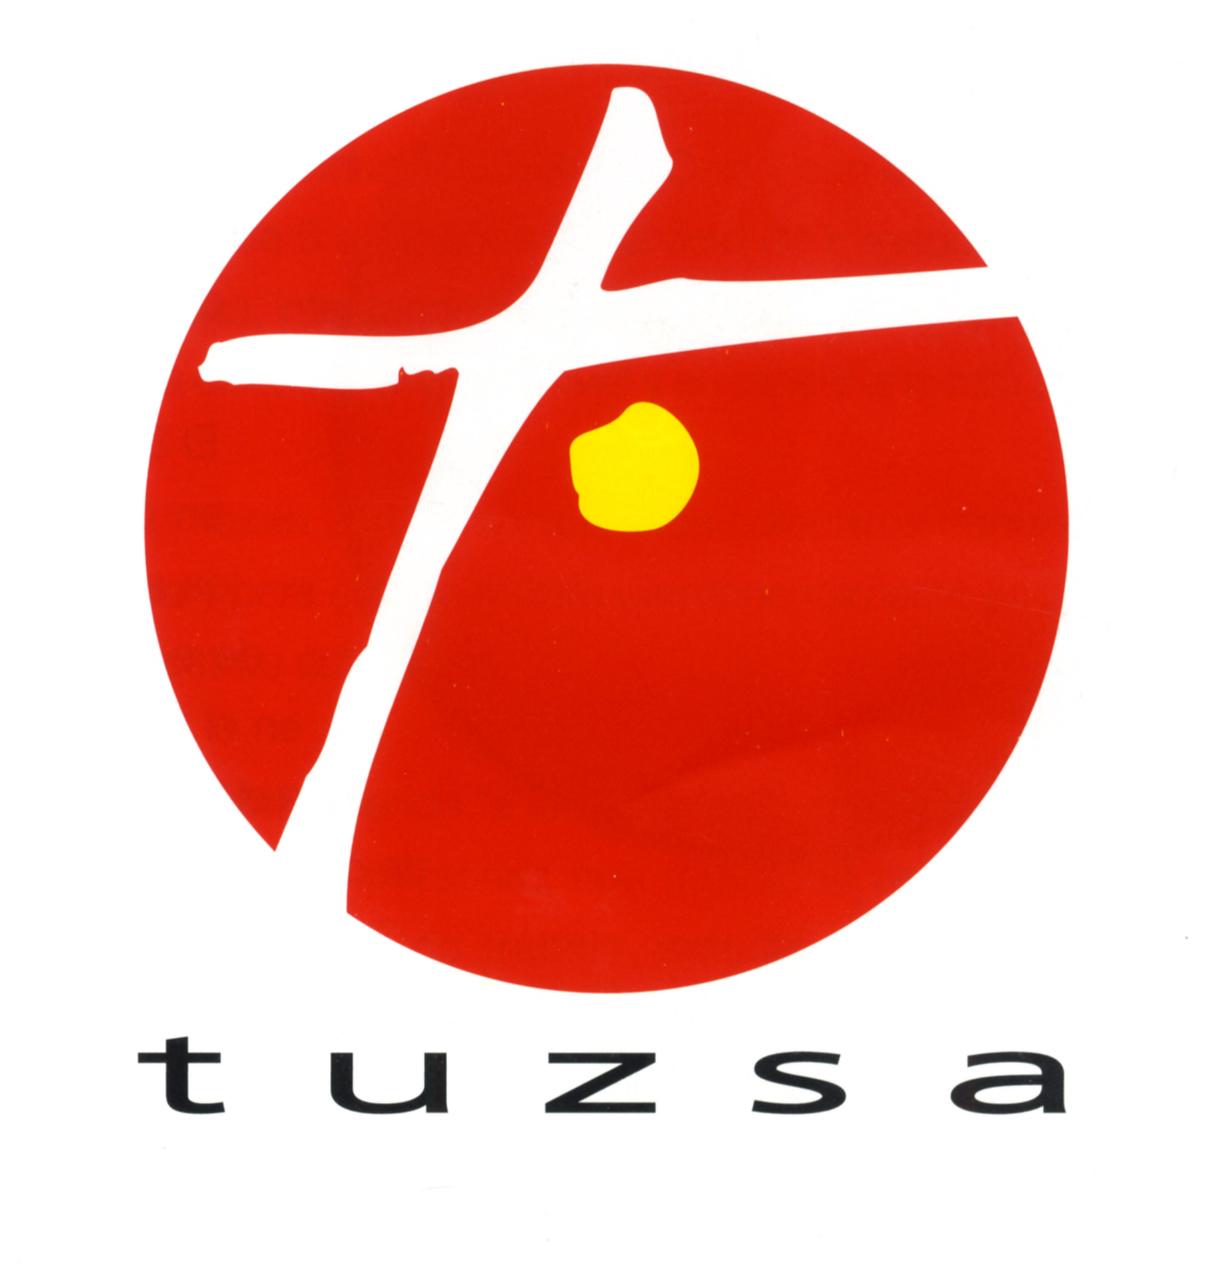 TUZSA. Gestora de transporte público en Zaragoza.